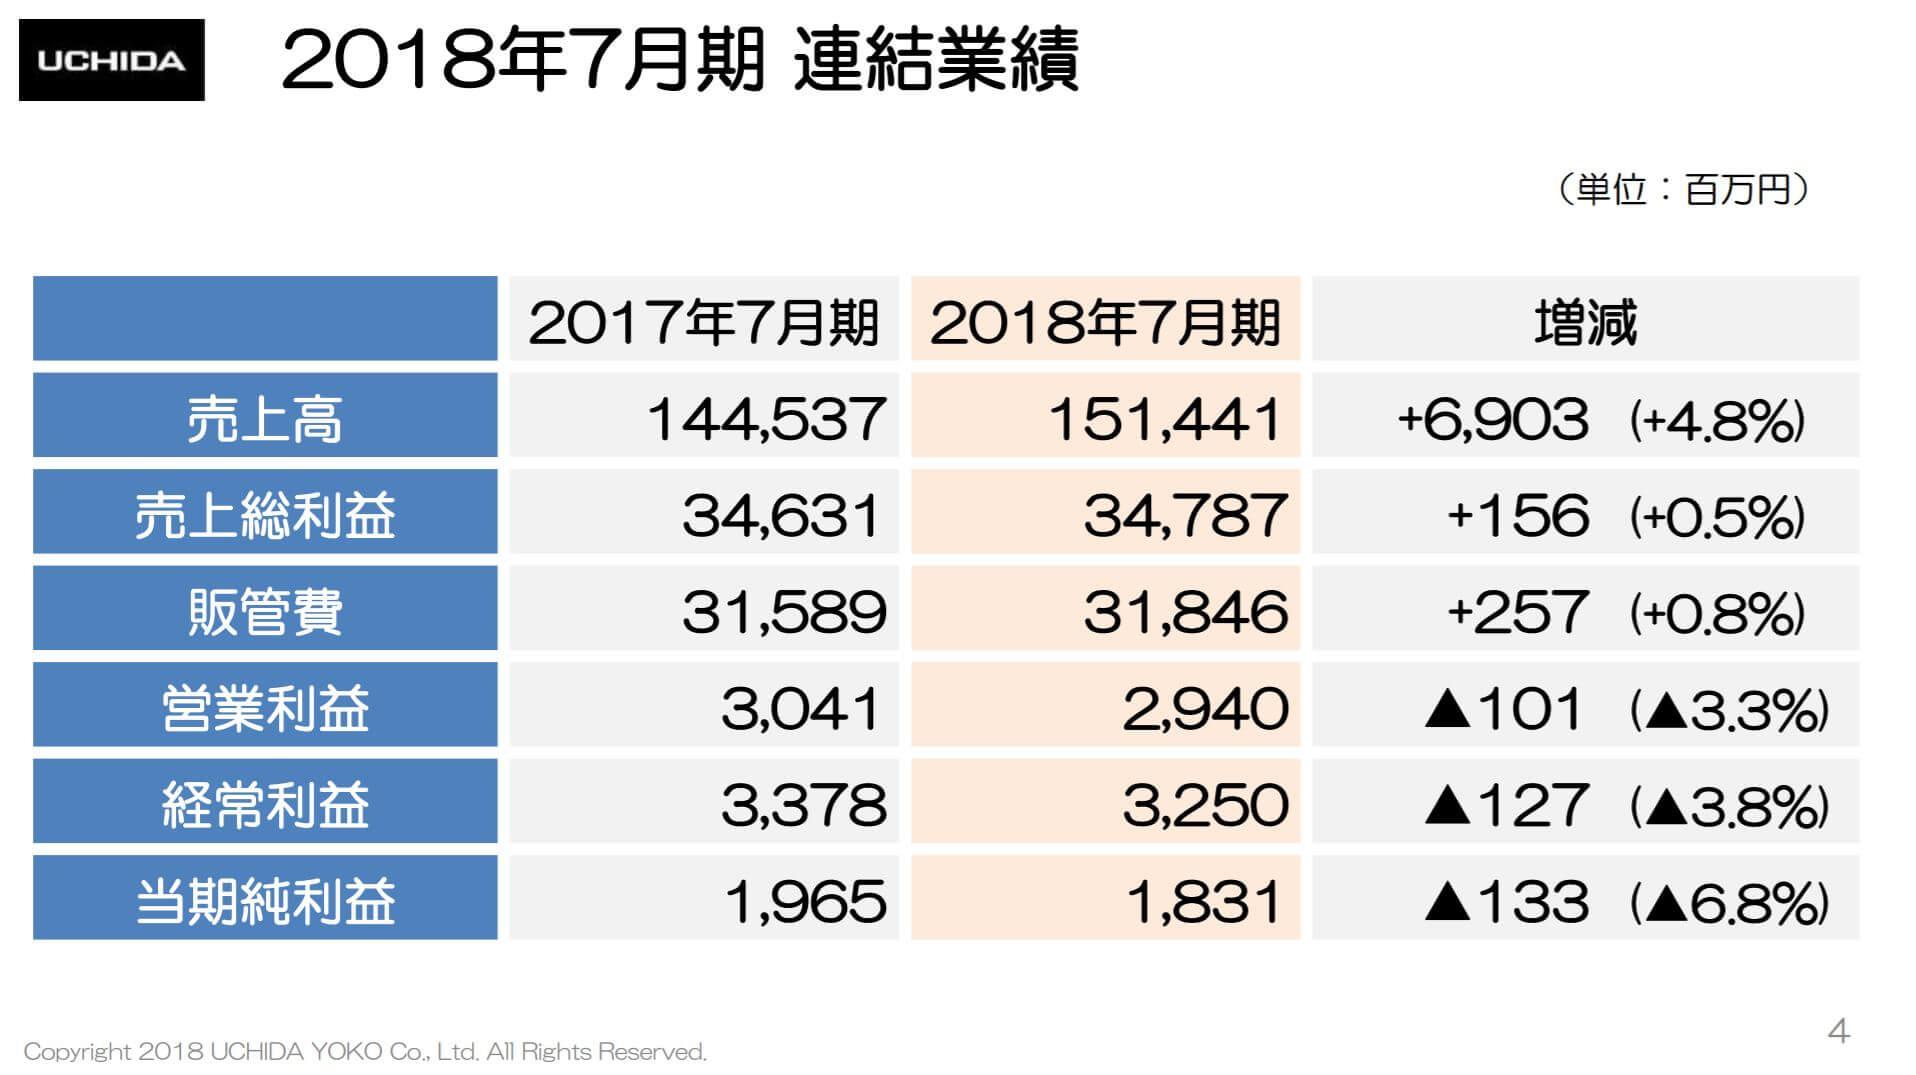 内田洋行の2018年7月期決算説明会資料、連結業績概要